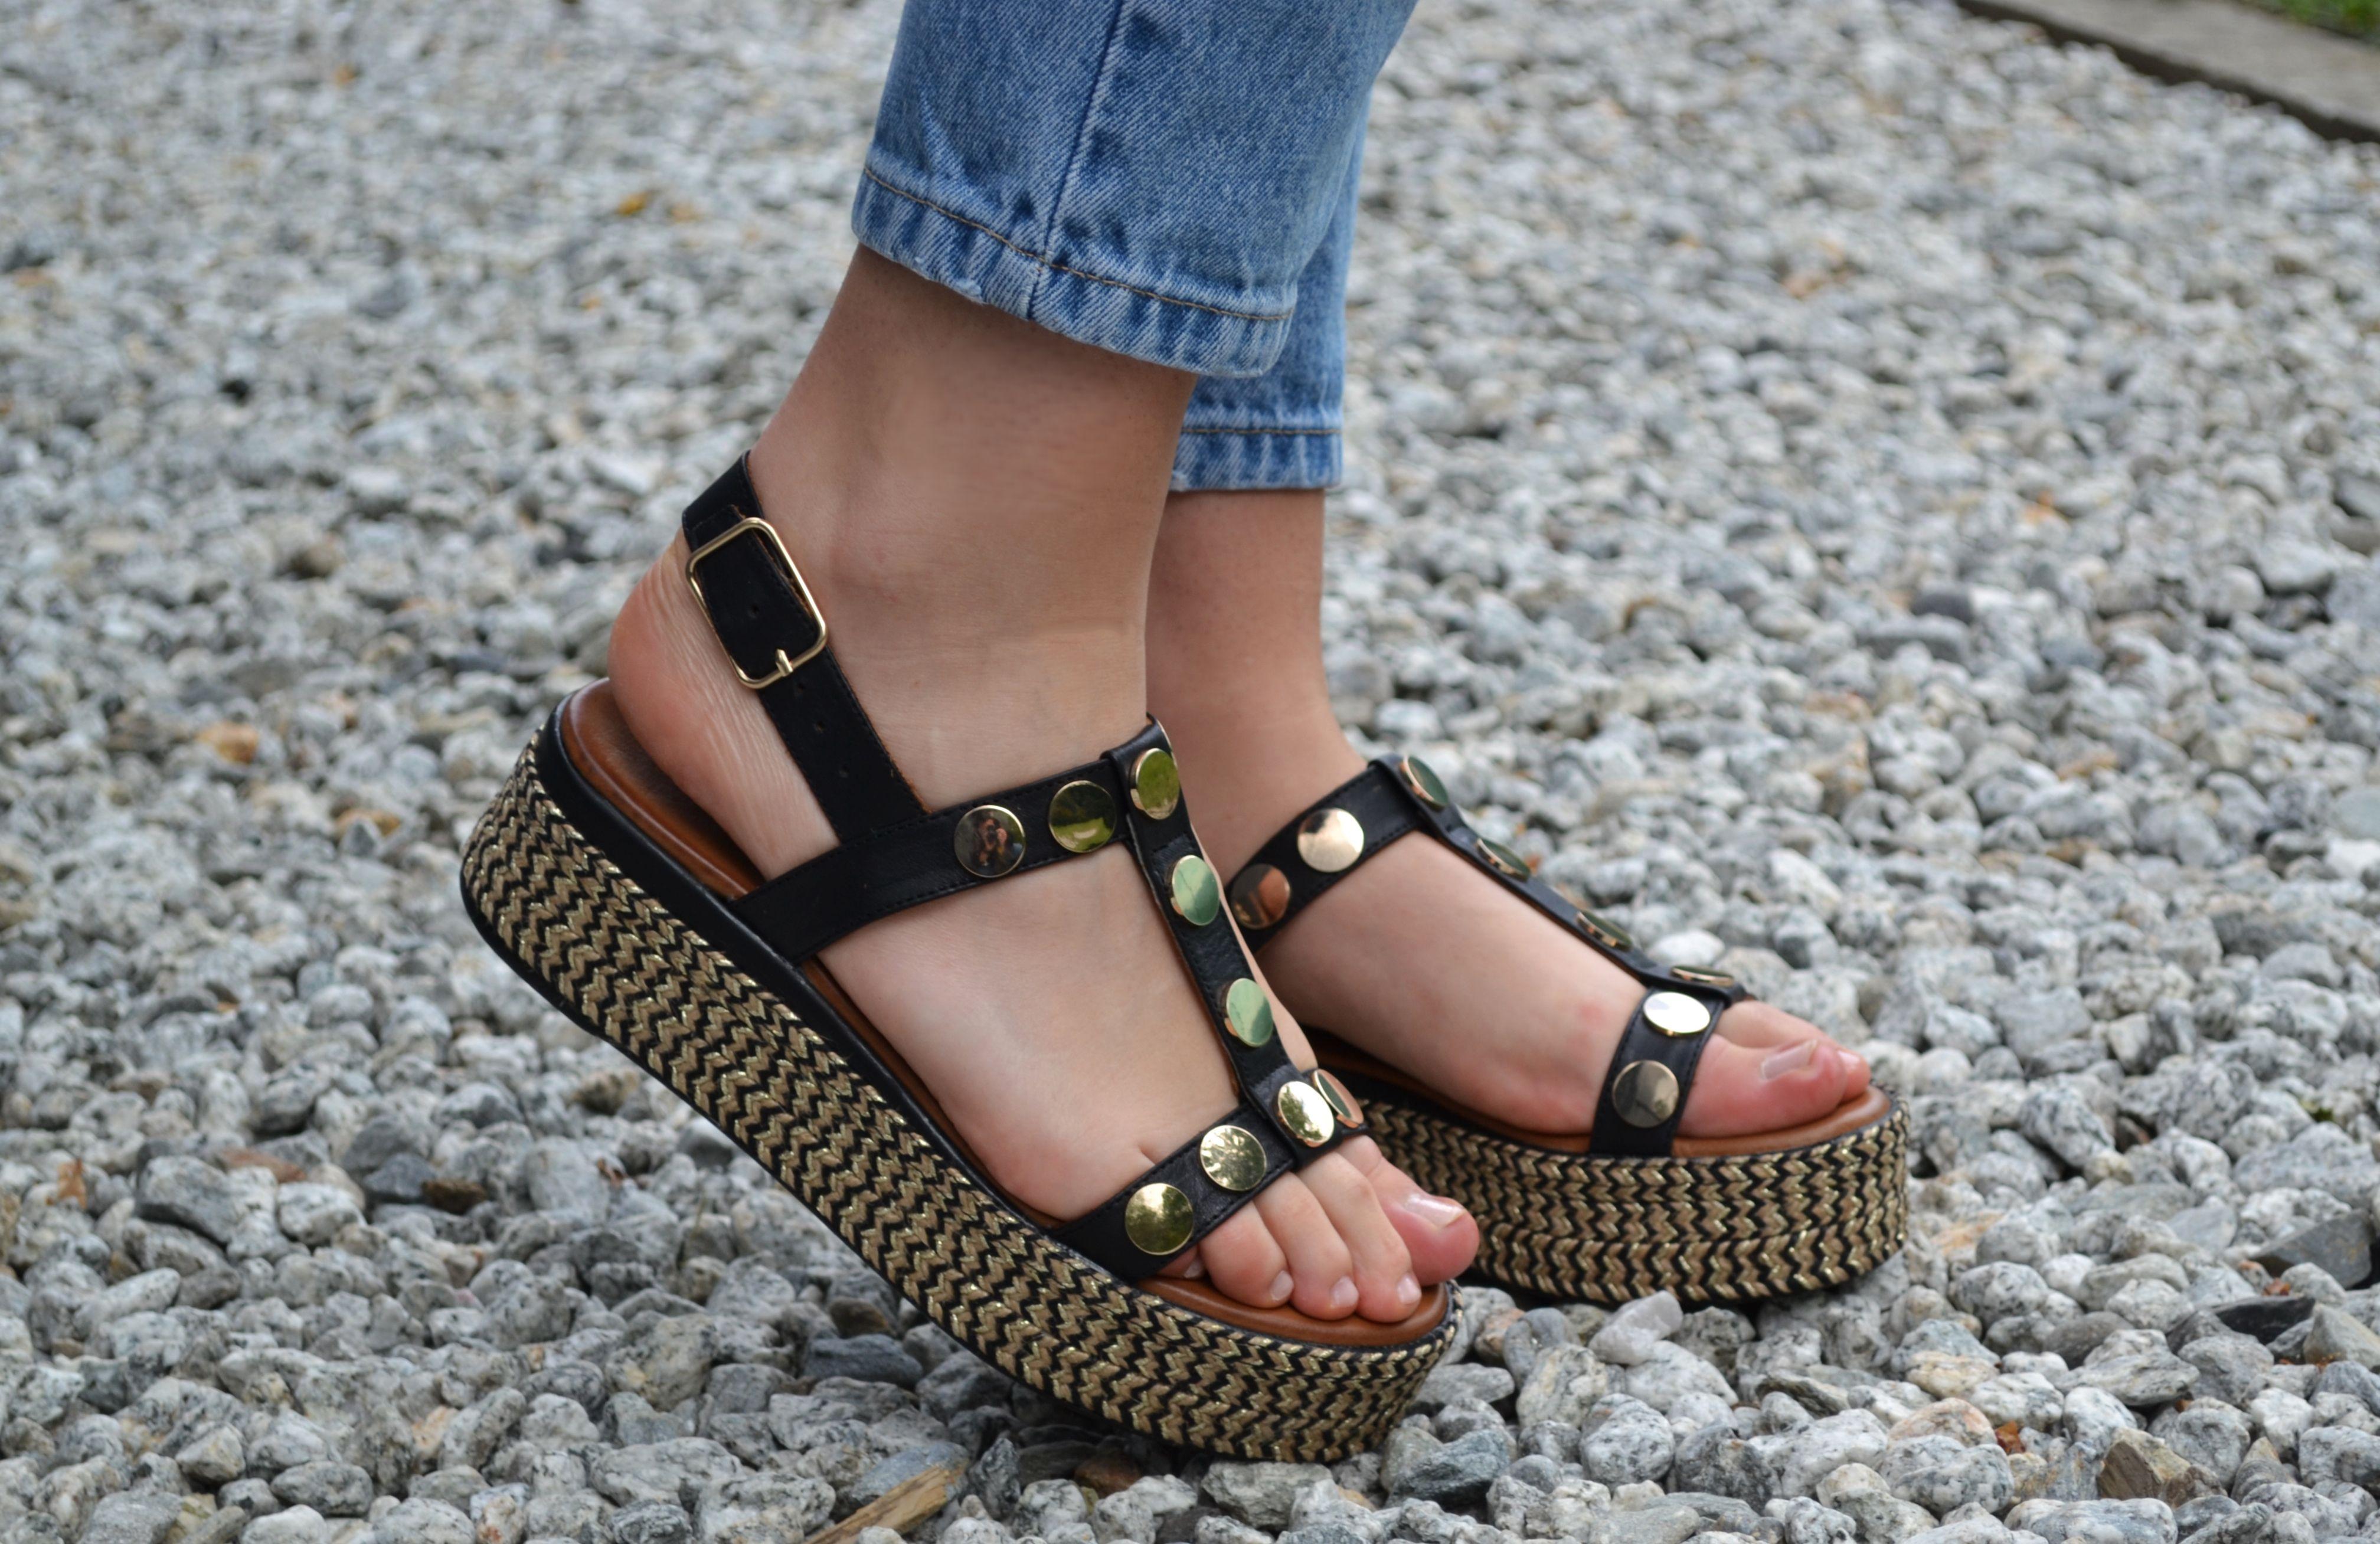 def81ce7a760e1 SANDALES INUOVO // Pour coller à la tendance Black&Gold, les sandales à  plateformes Inuovo sont idéales! #sandales #inuovo #shoesaddict #black  #gold #ootd # ...